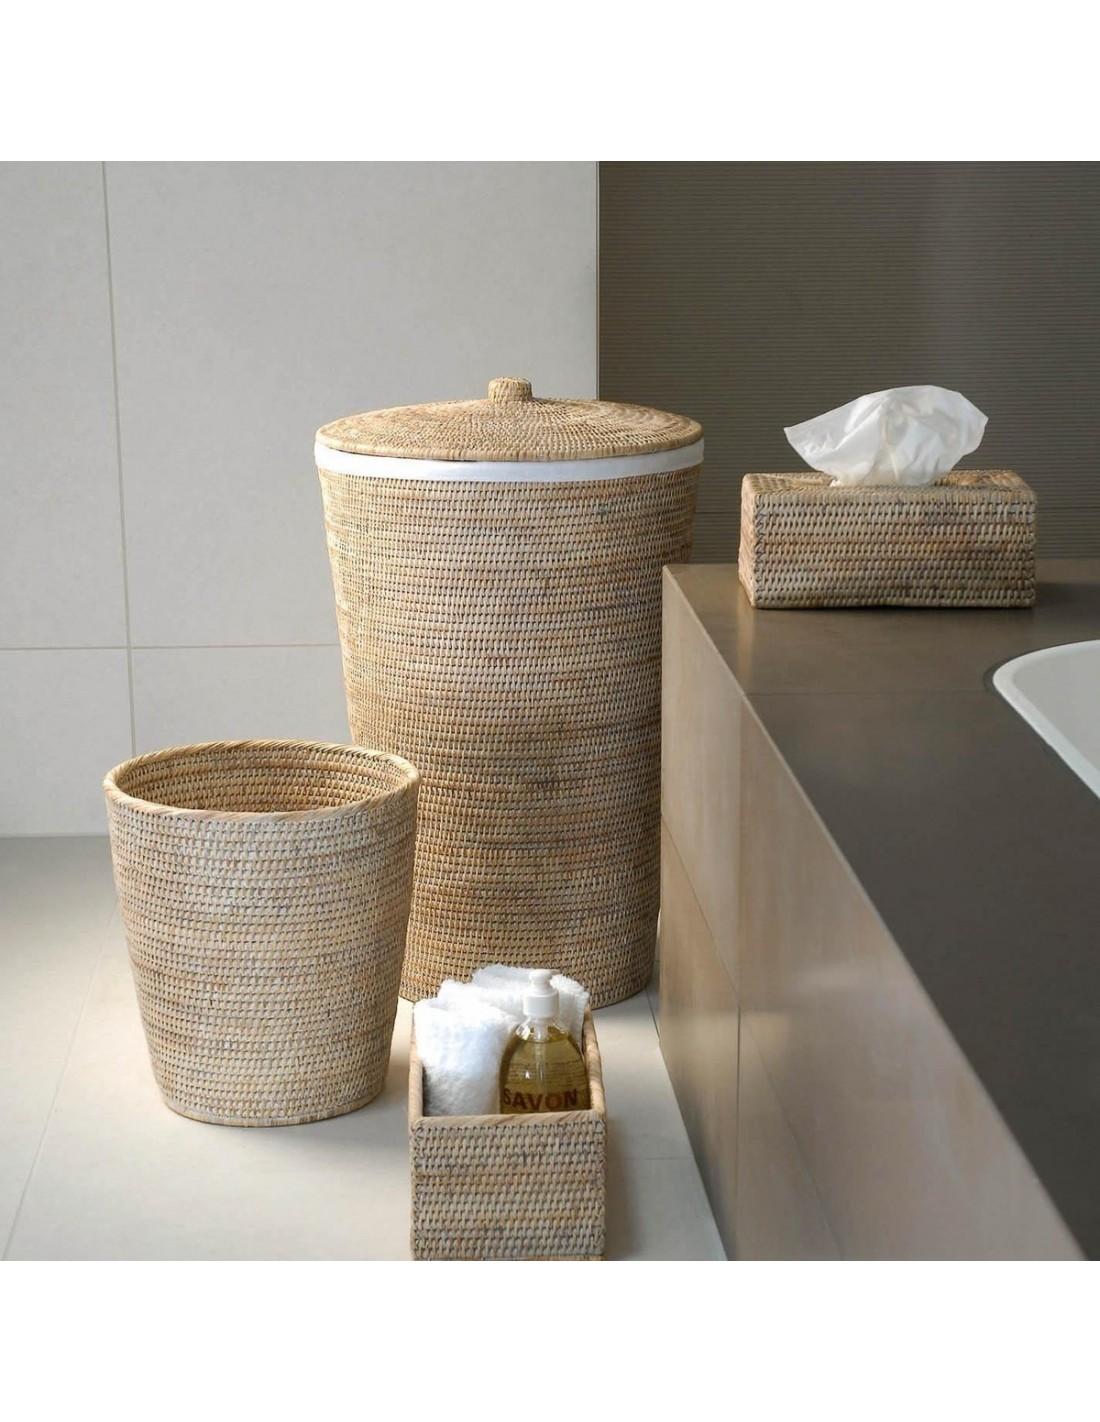 D co mobilier jardin luxe rennes 33 mobilier de bureau contemporain mobilier de jardin en - Table de jardin luxe marseille ...